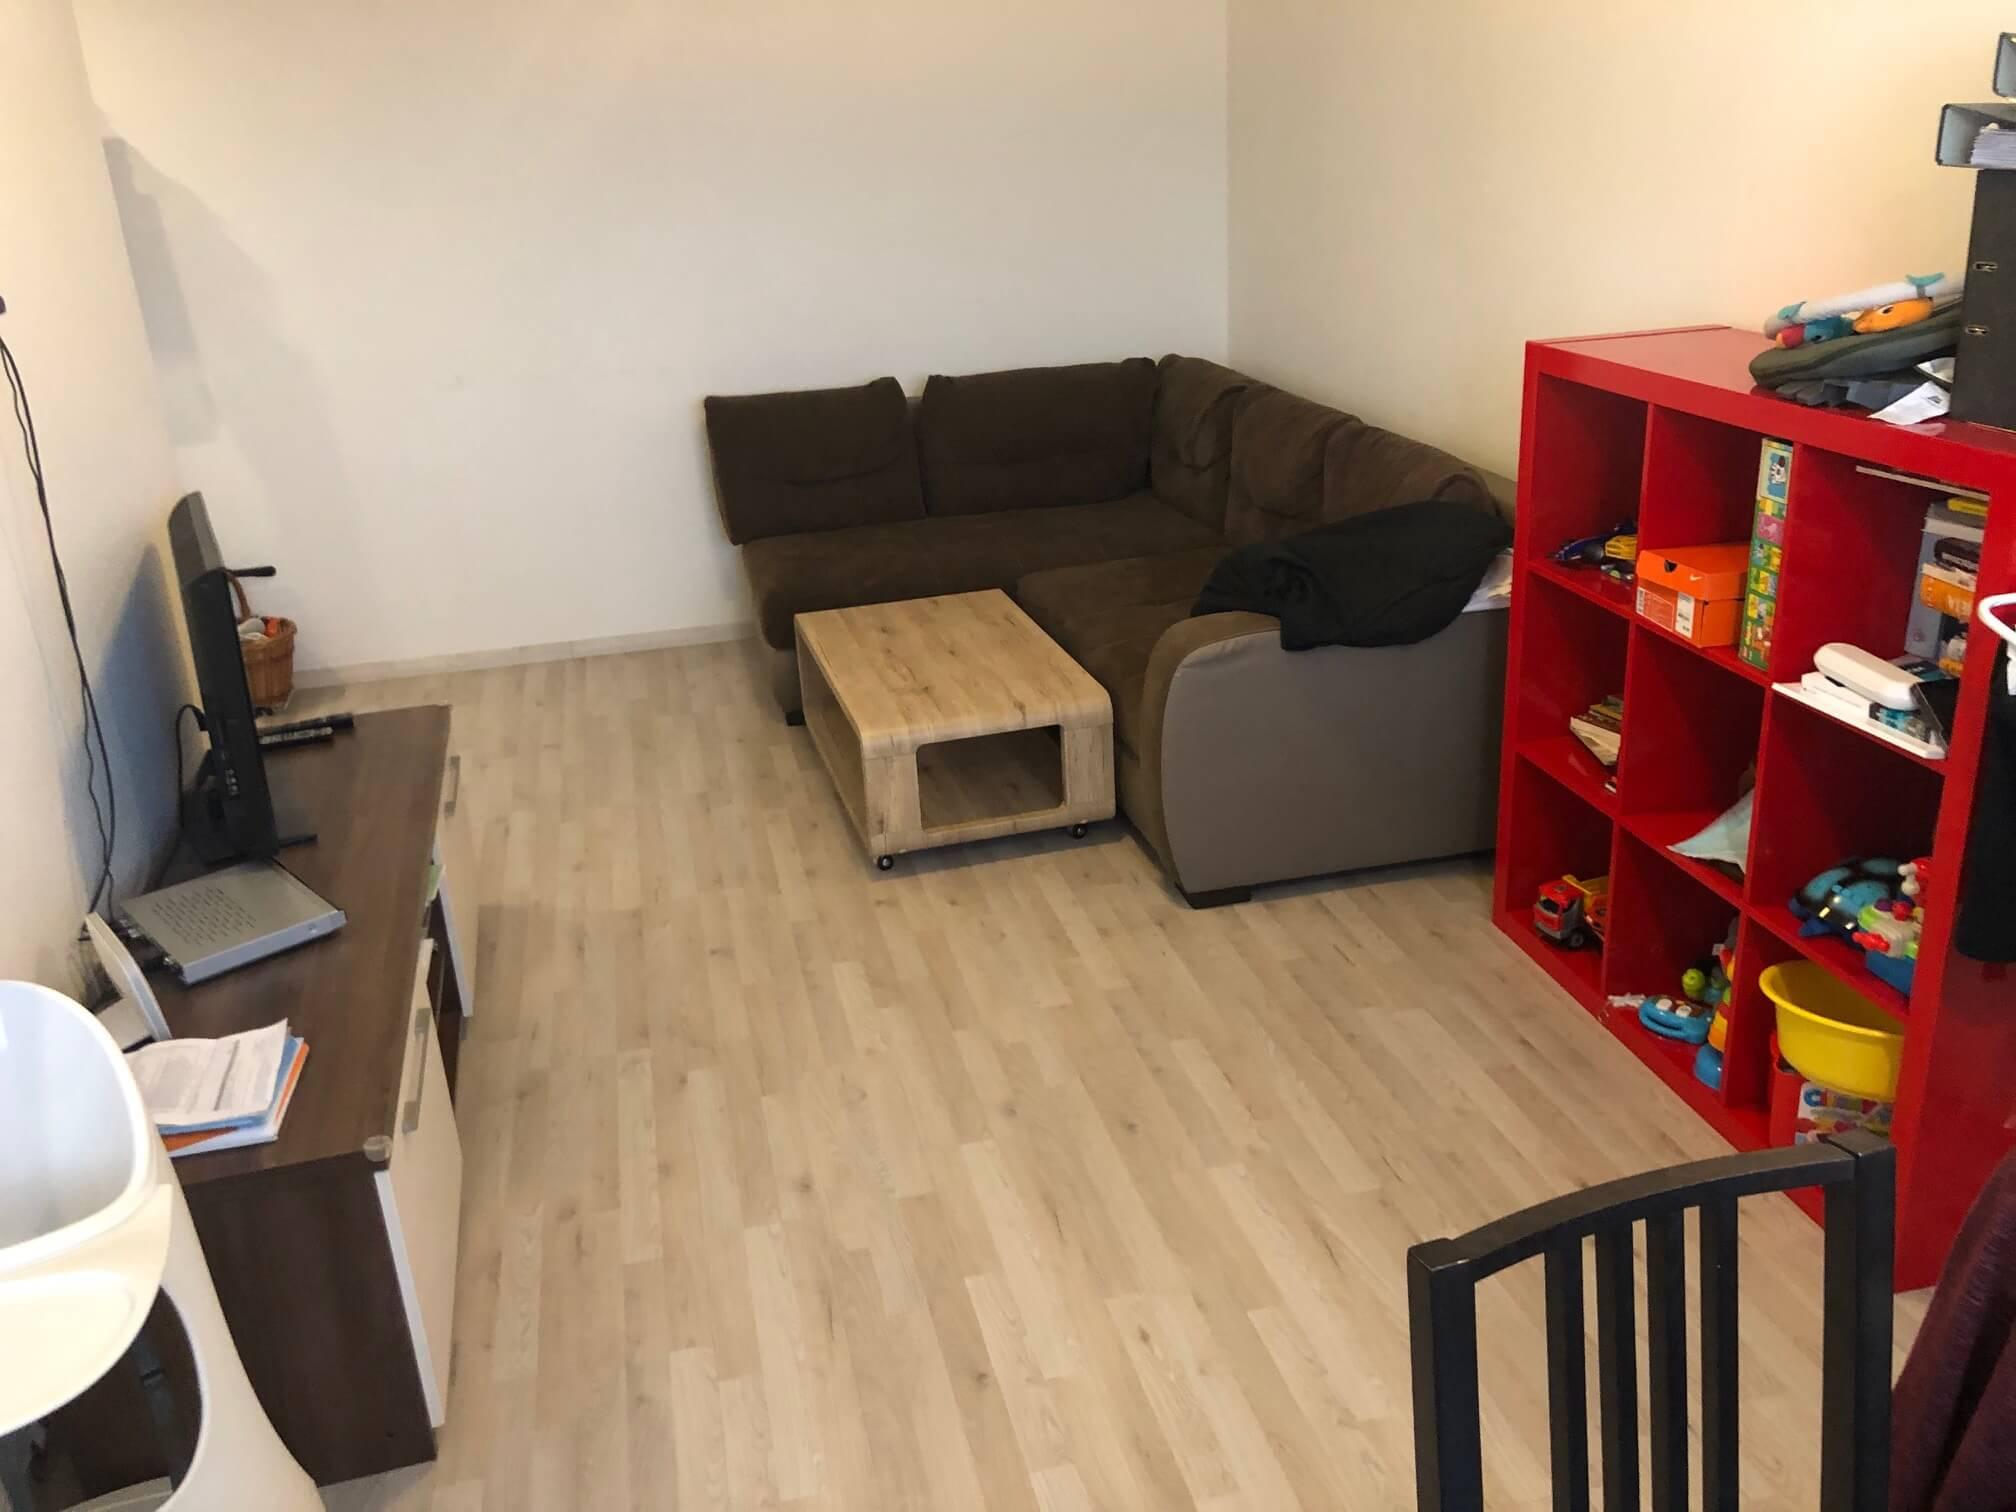 Prenajate: Prenájom 2 izb. byt, Luxusne zariadeny, v tichej lokalite, Brnianska 4, nad Farbičkou, Malacky,-0